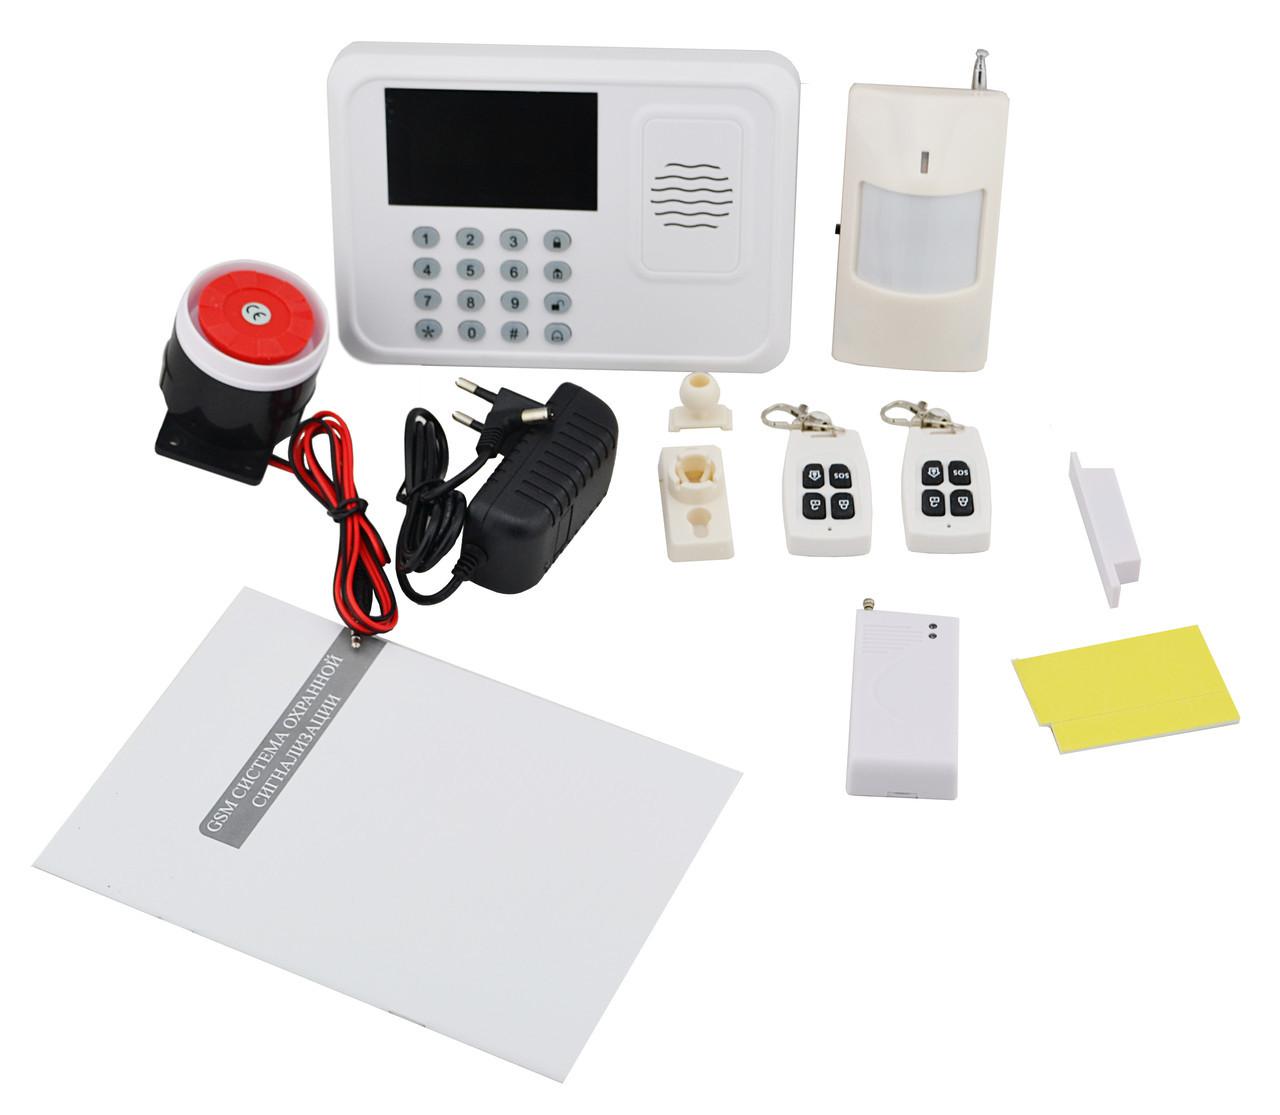 Сигнализация для дома с датчиком движения Alarm JYX-G1 (4709)